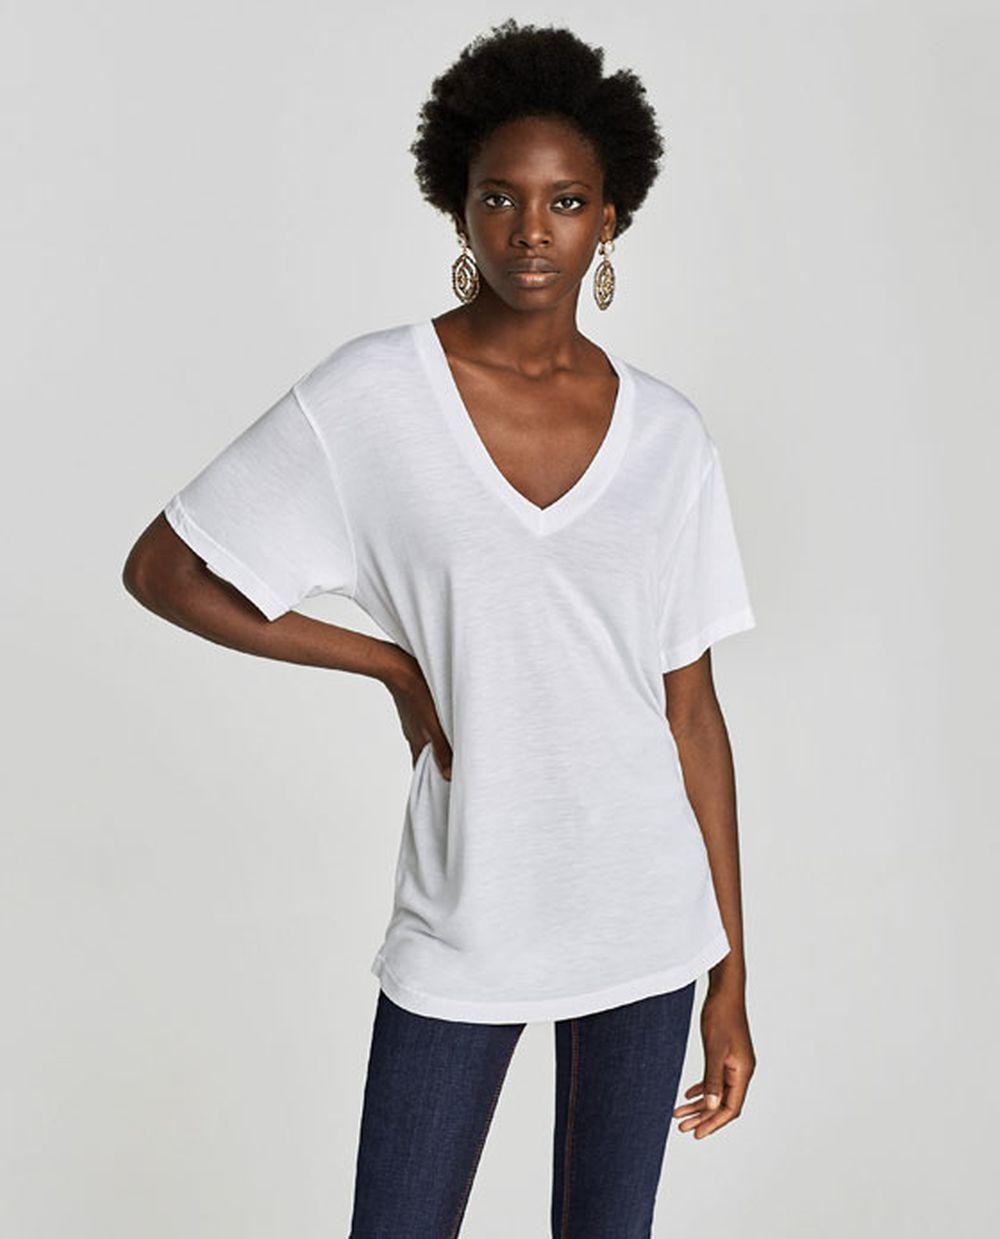 Camiseta blanca de Zara (12,95 euros)